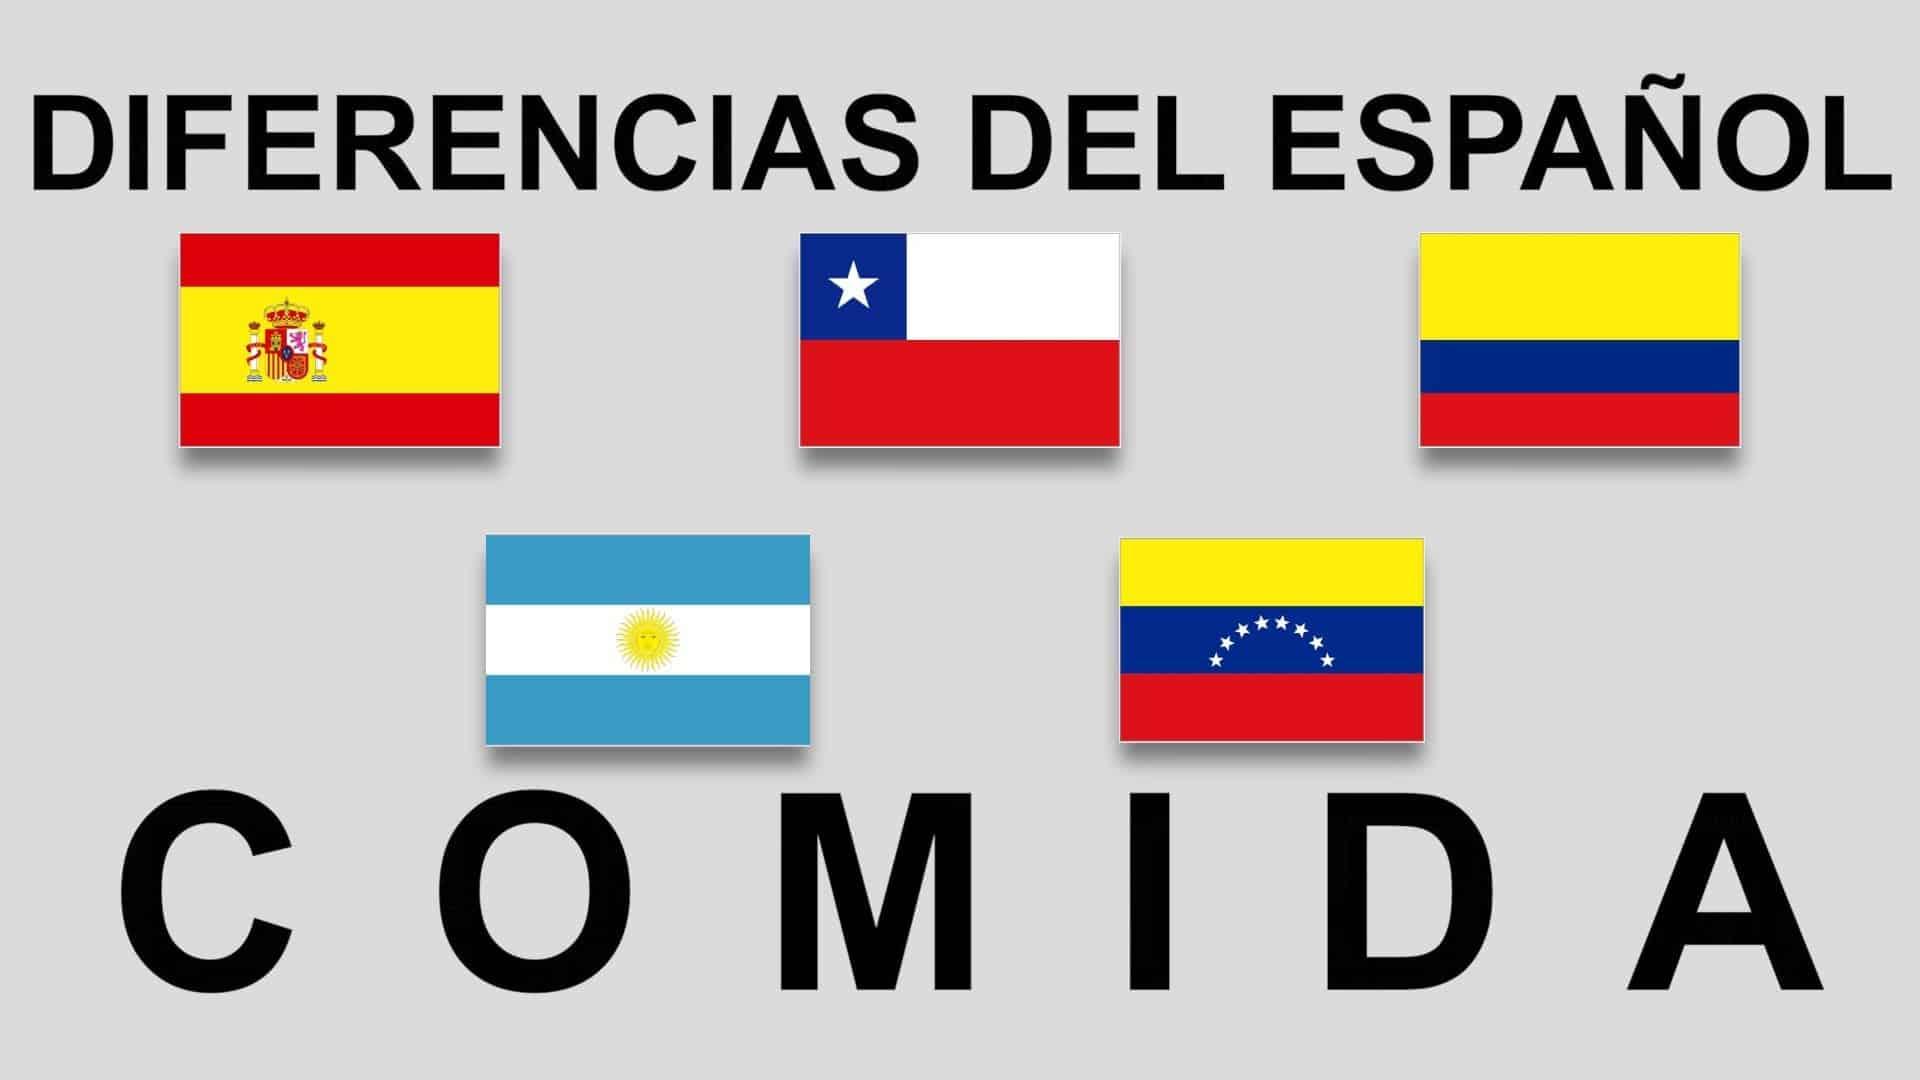 El Idioma español en Diferentes Países